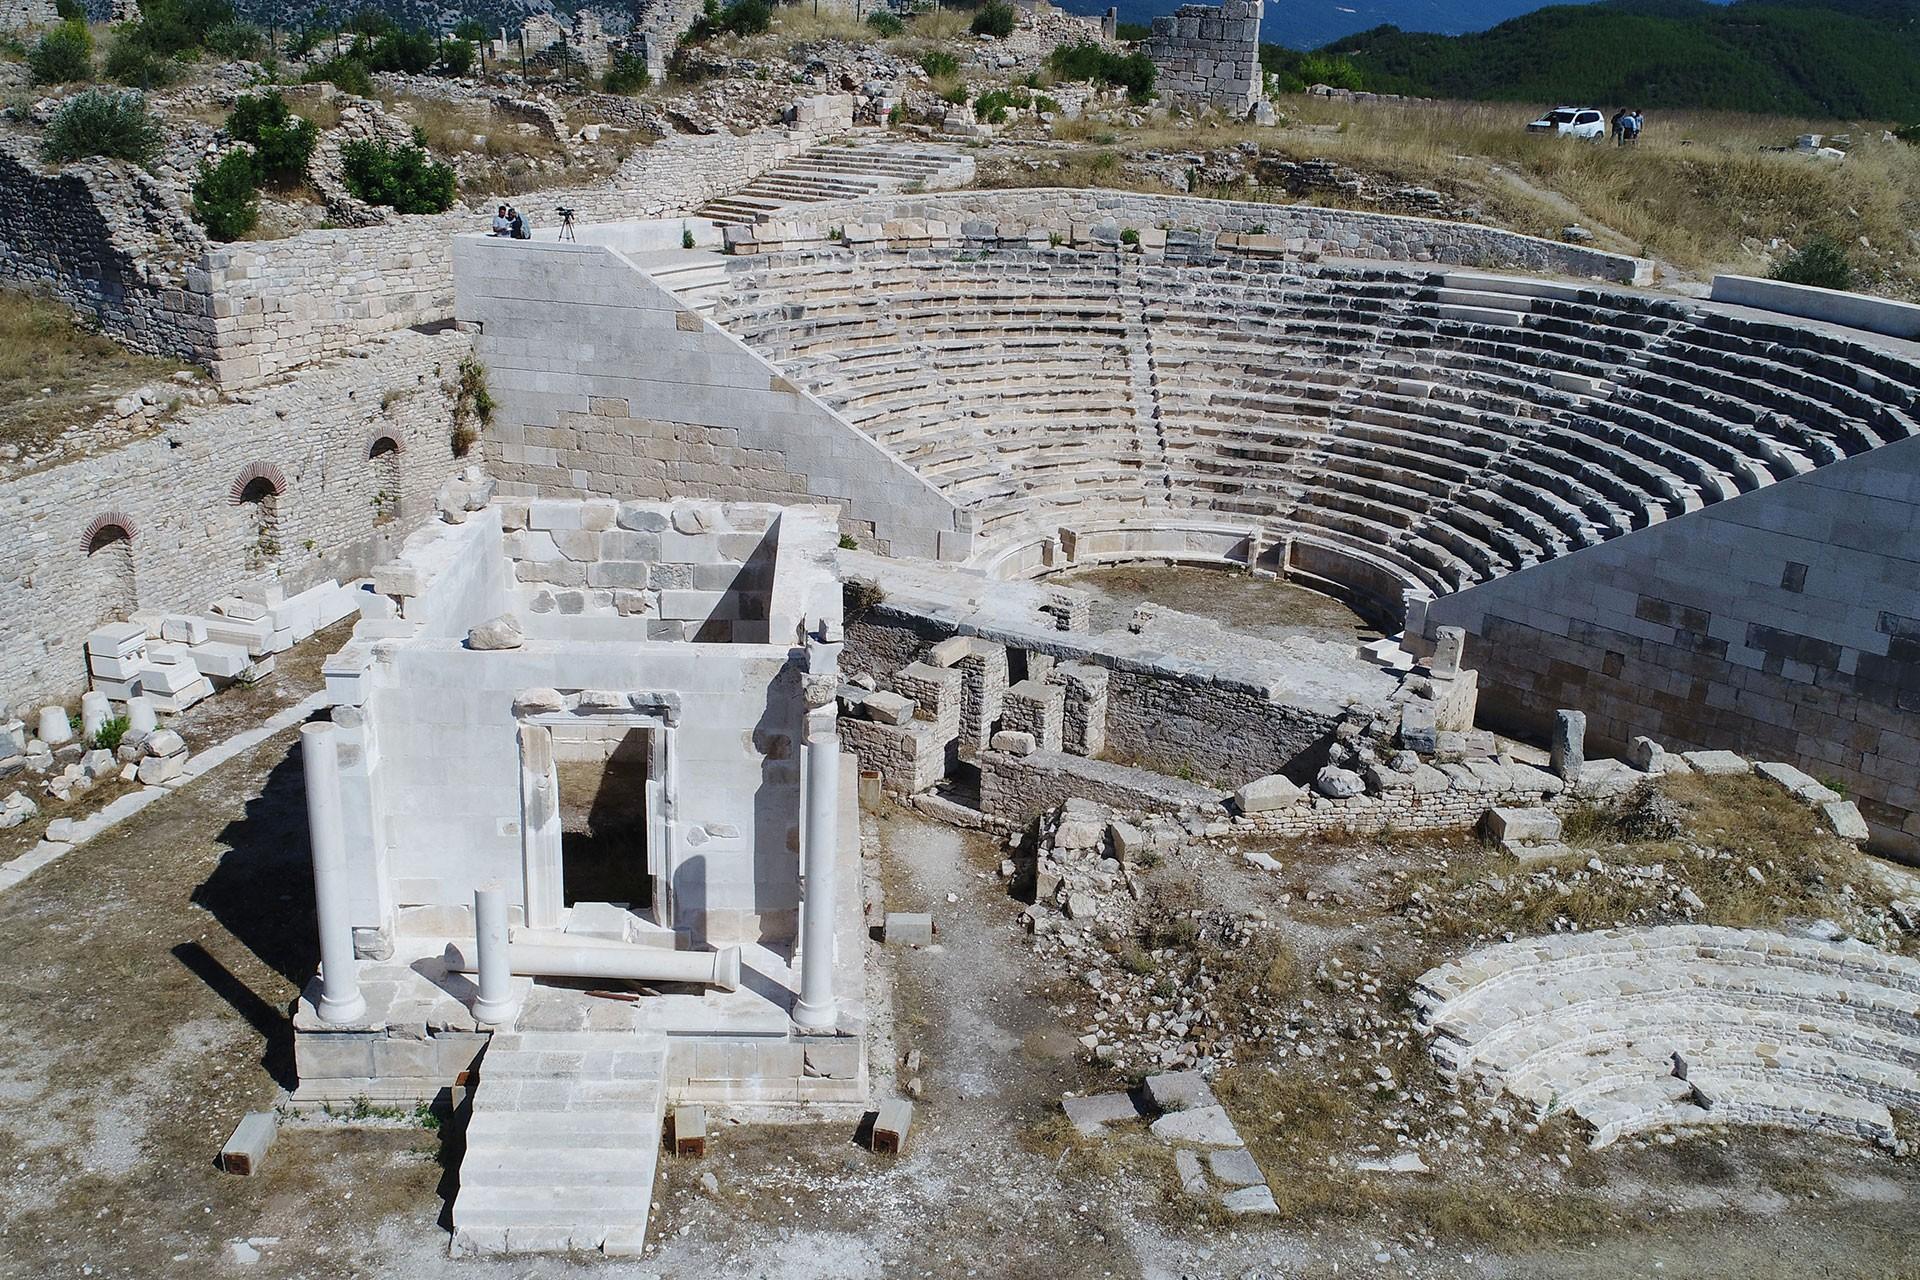 Opramoas Anıtı'nda hatalı restorasyon Meclis gündemine taşındı